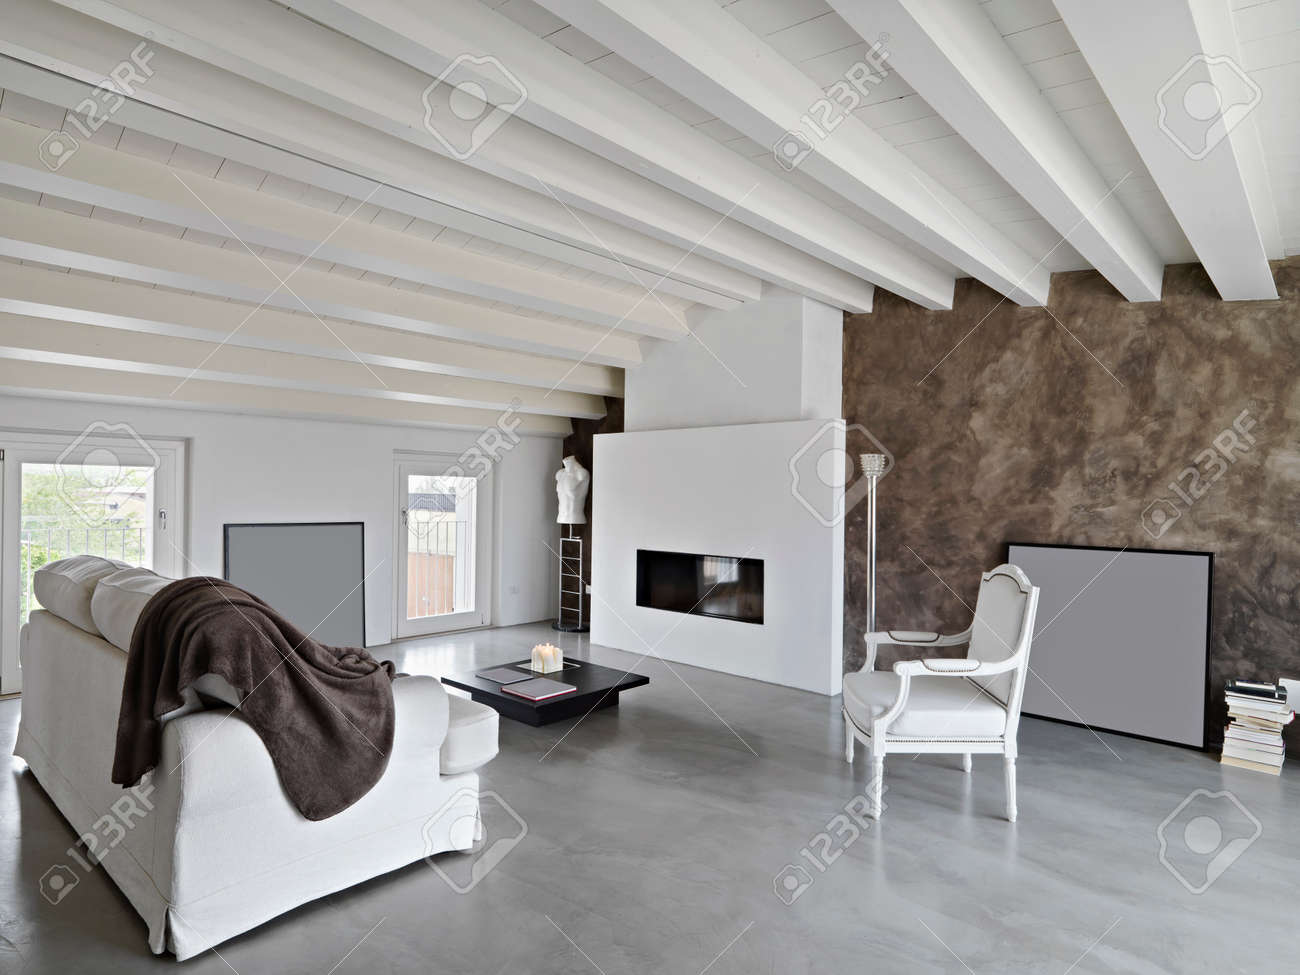 Moderne woonkamer met open haard en een slaapbank in de zolder ...